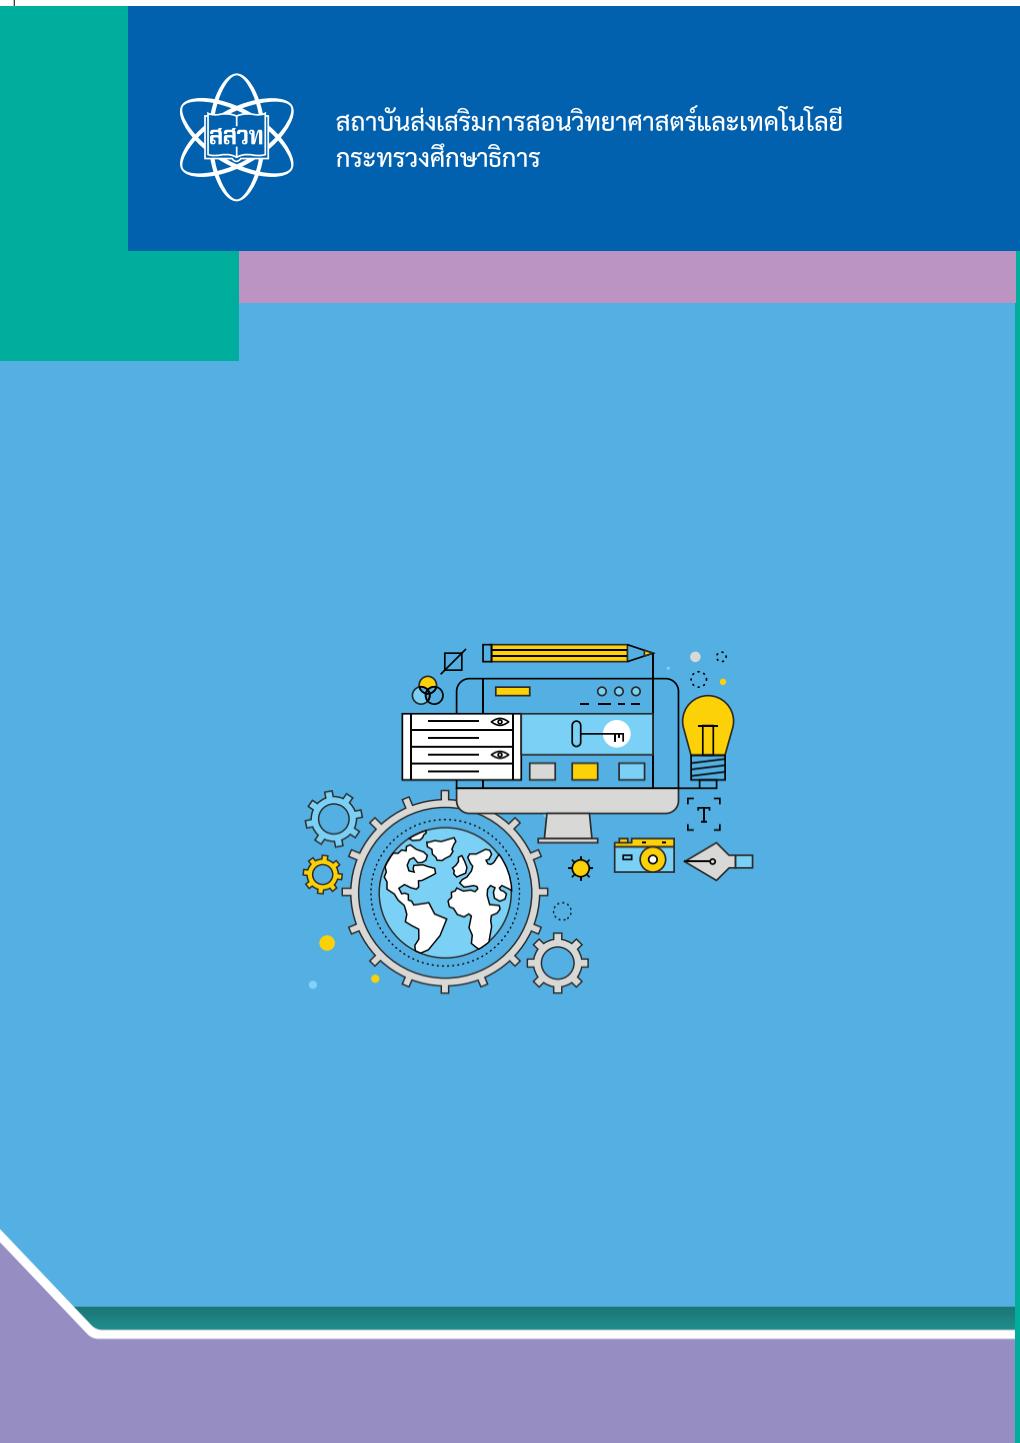 ตัวอย่างหนังสือเรียนวิชาการออกแบบและเทคโนโลยี ชั้นมัธยมศึกษาปีที่ 4